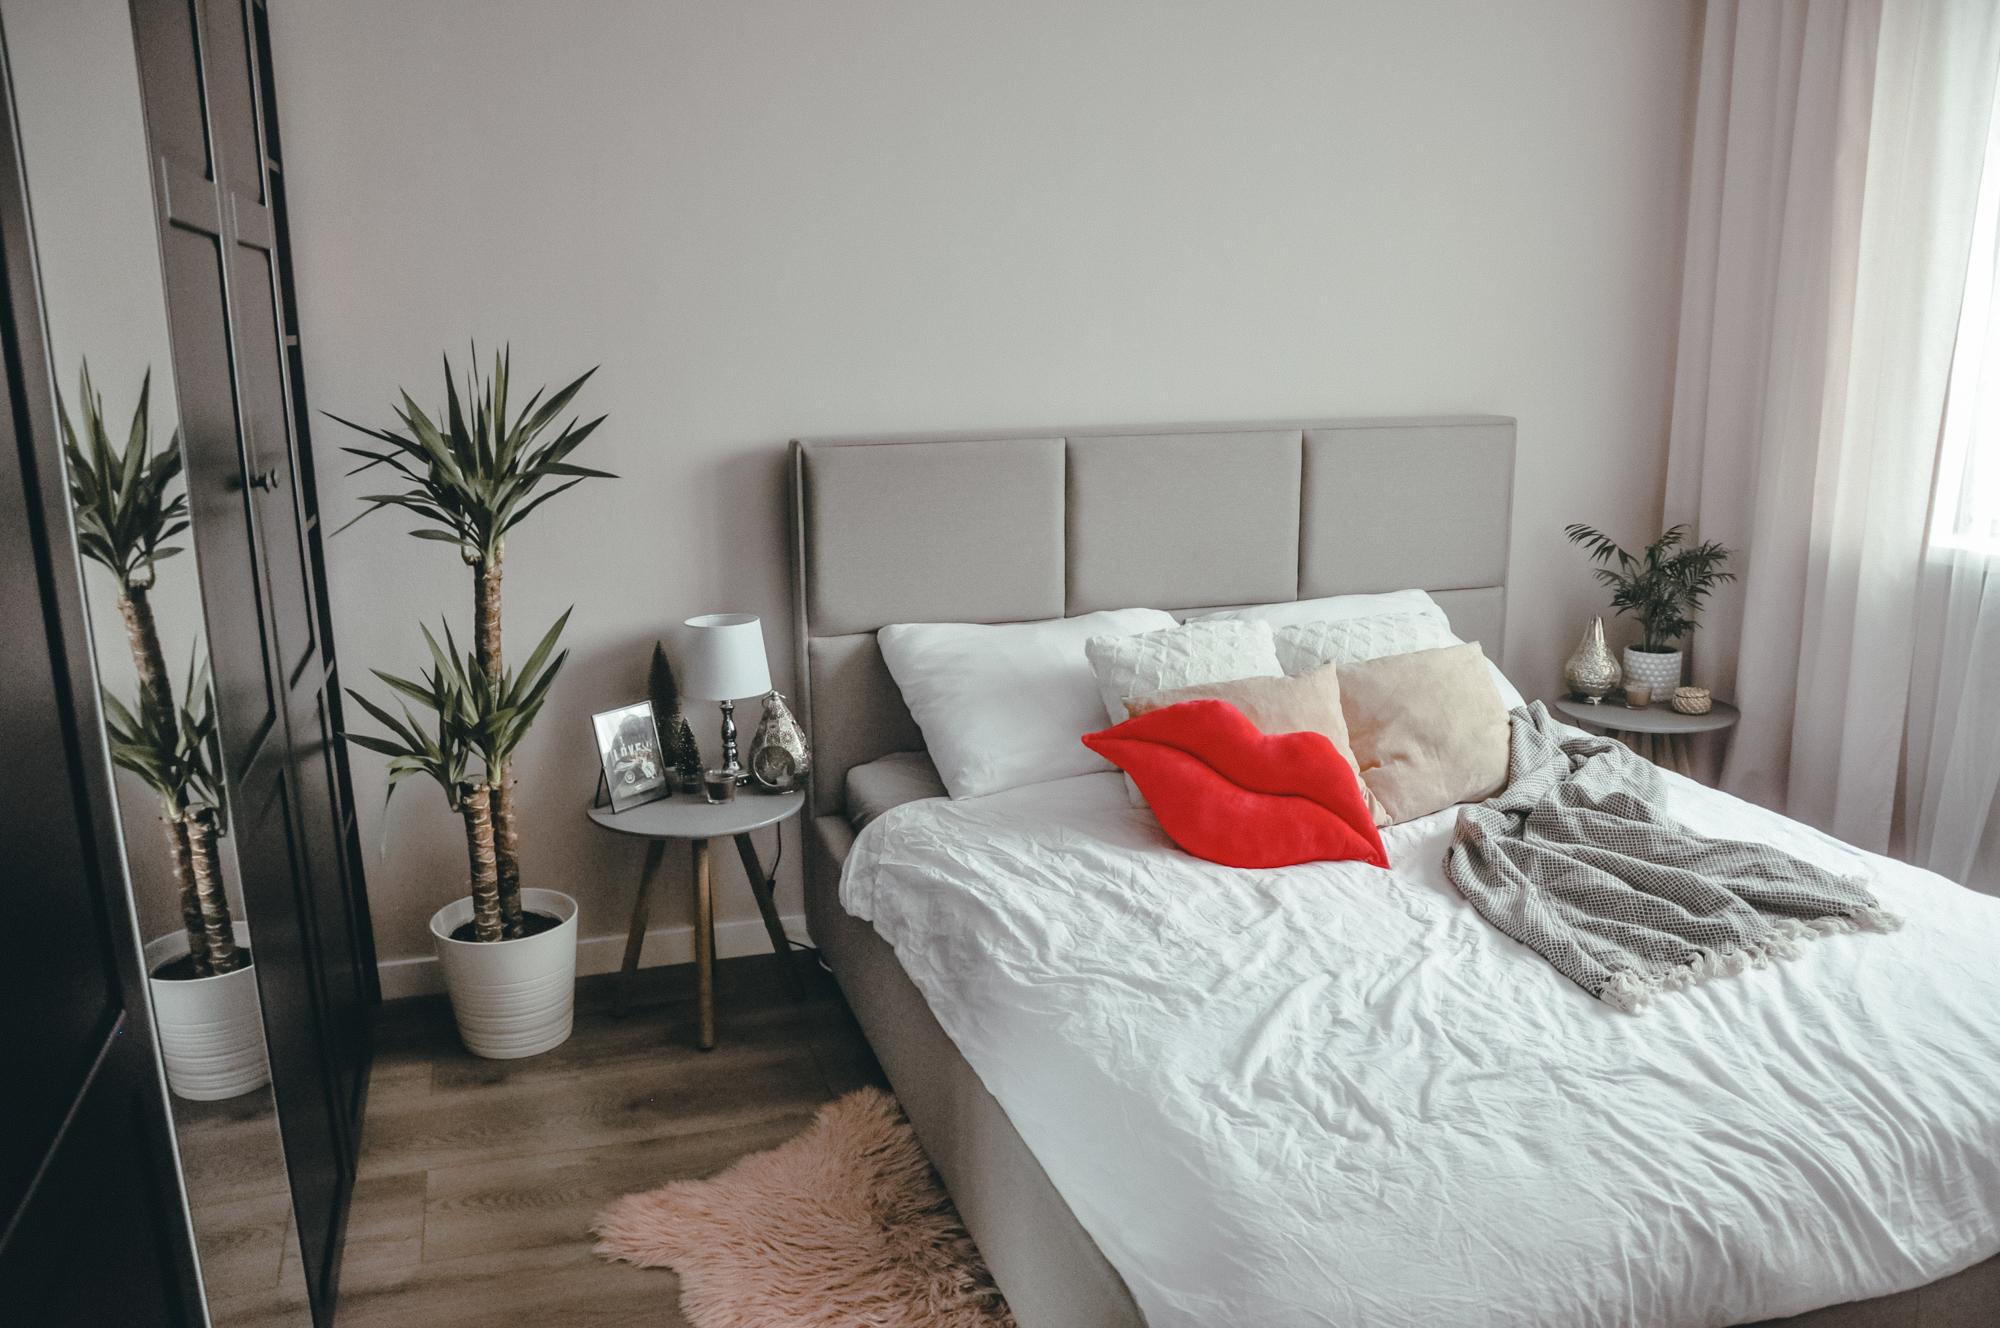 sypialnia w stylu hotelowym wnętrze ikea